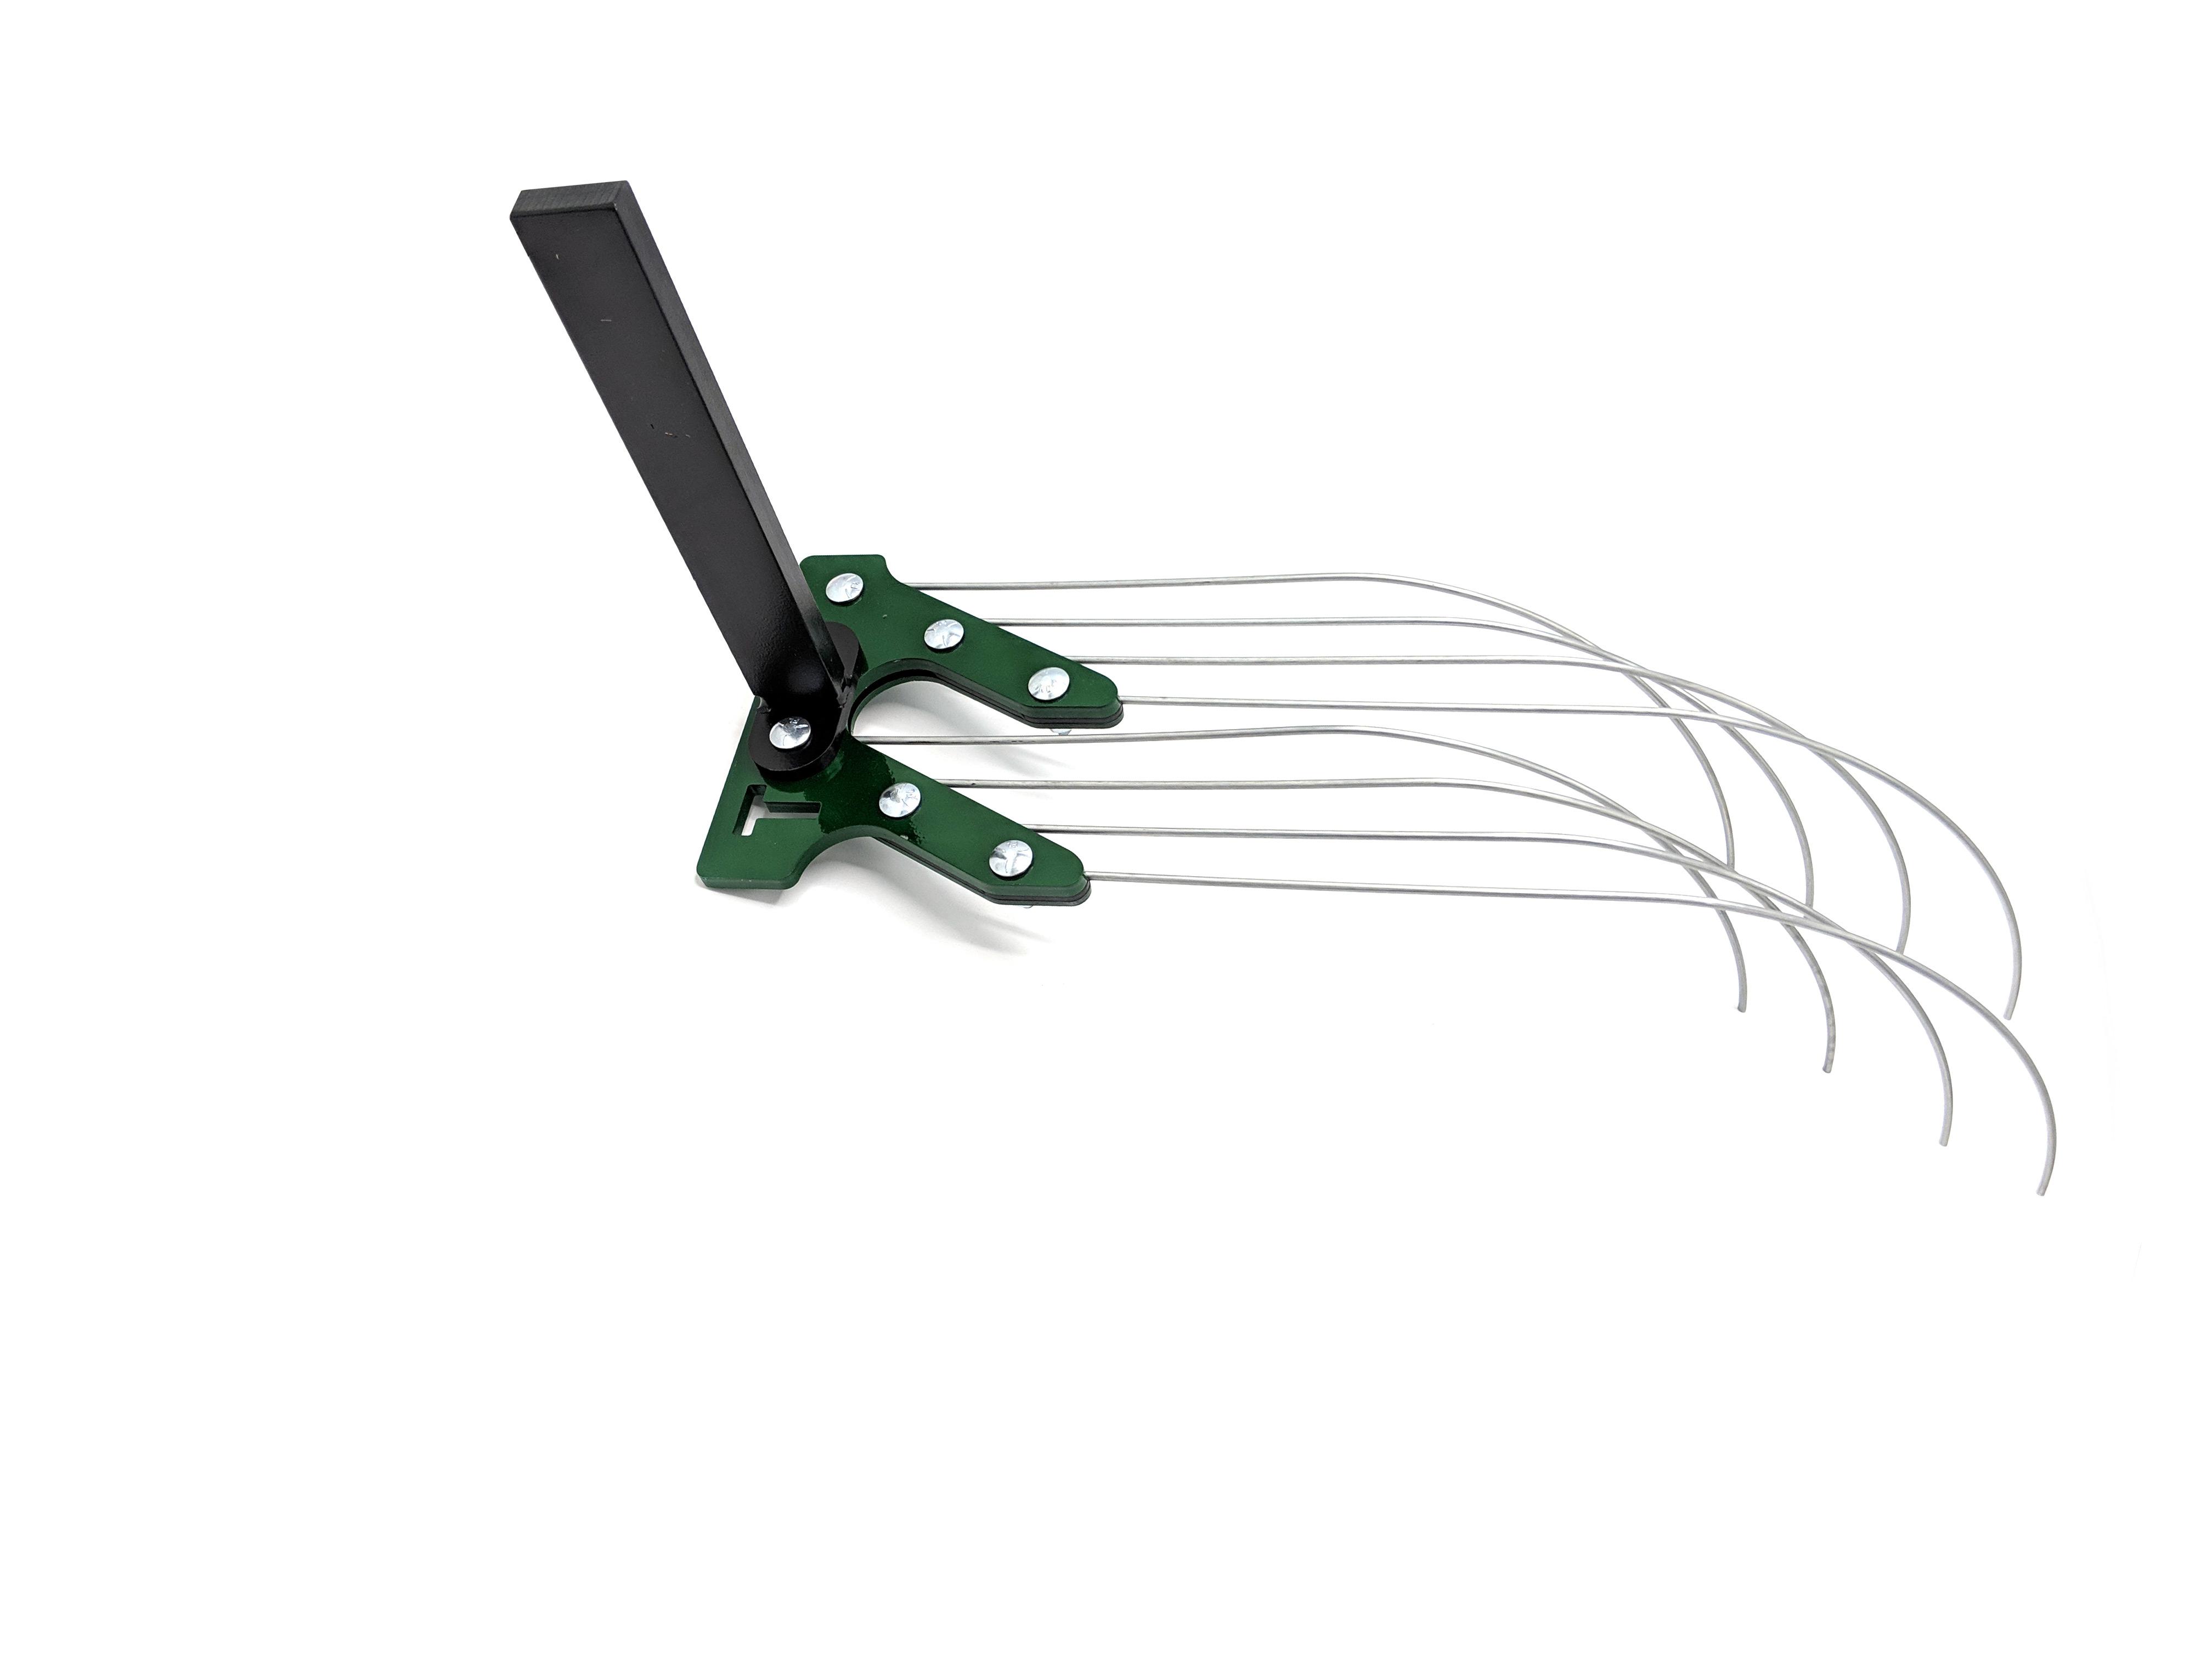 Tine Wire Weeder 6 inch - Thiessen